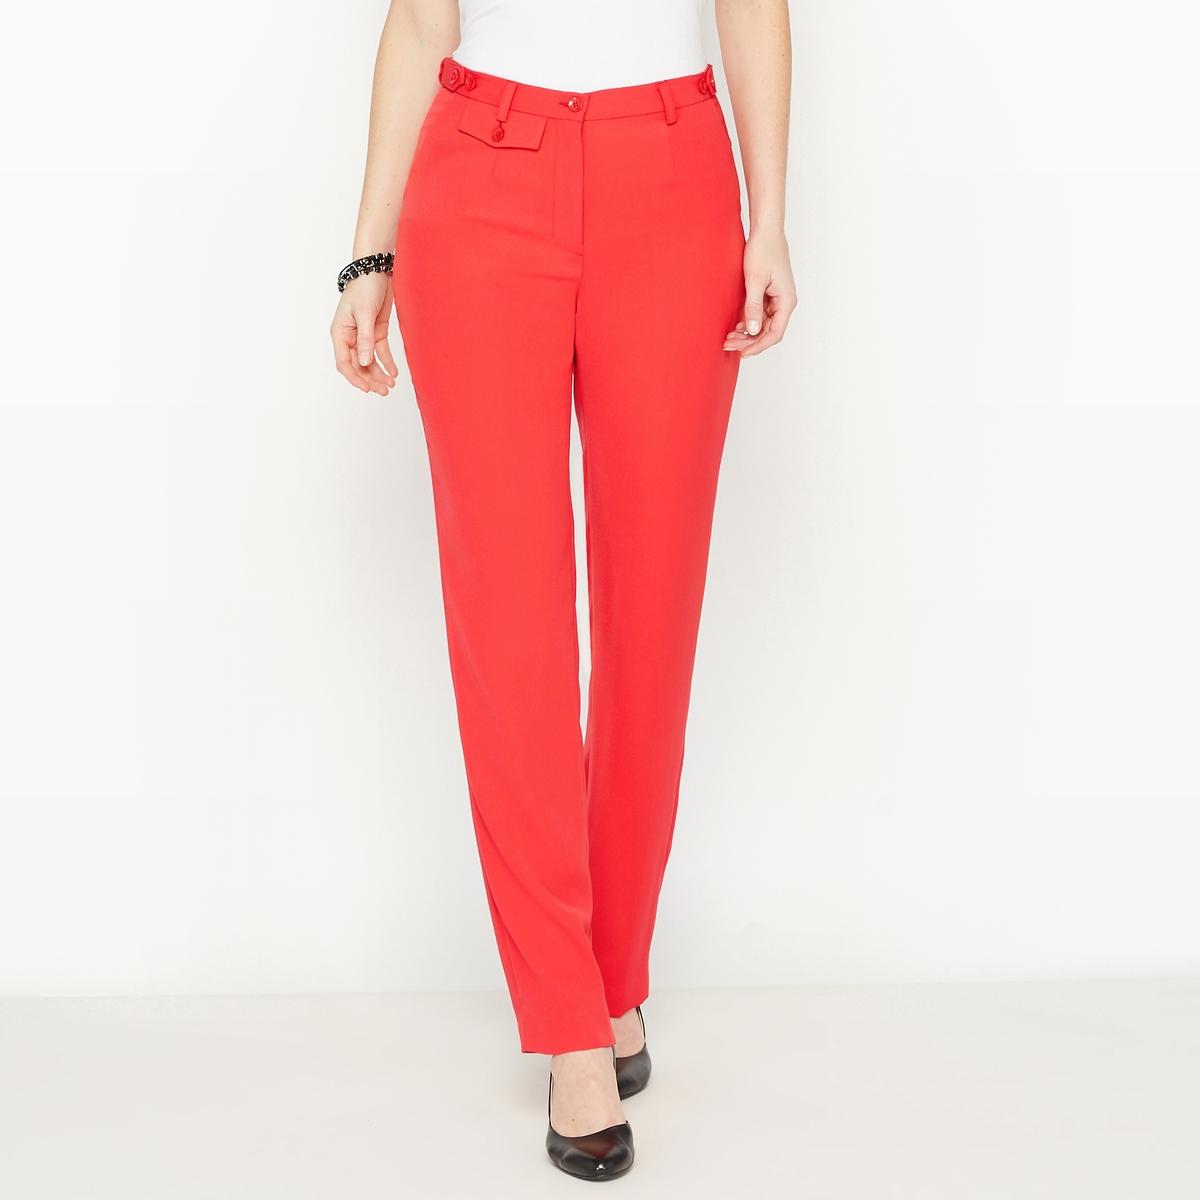 Брюки прямые из саржи стрейч брюки из саржи би стрейч длина по внутр шву 78 см